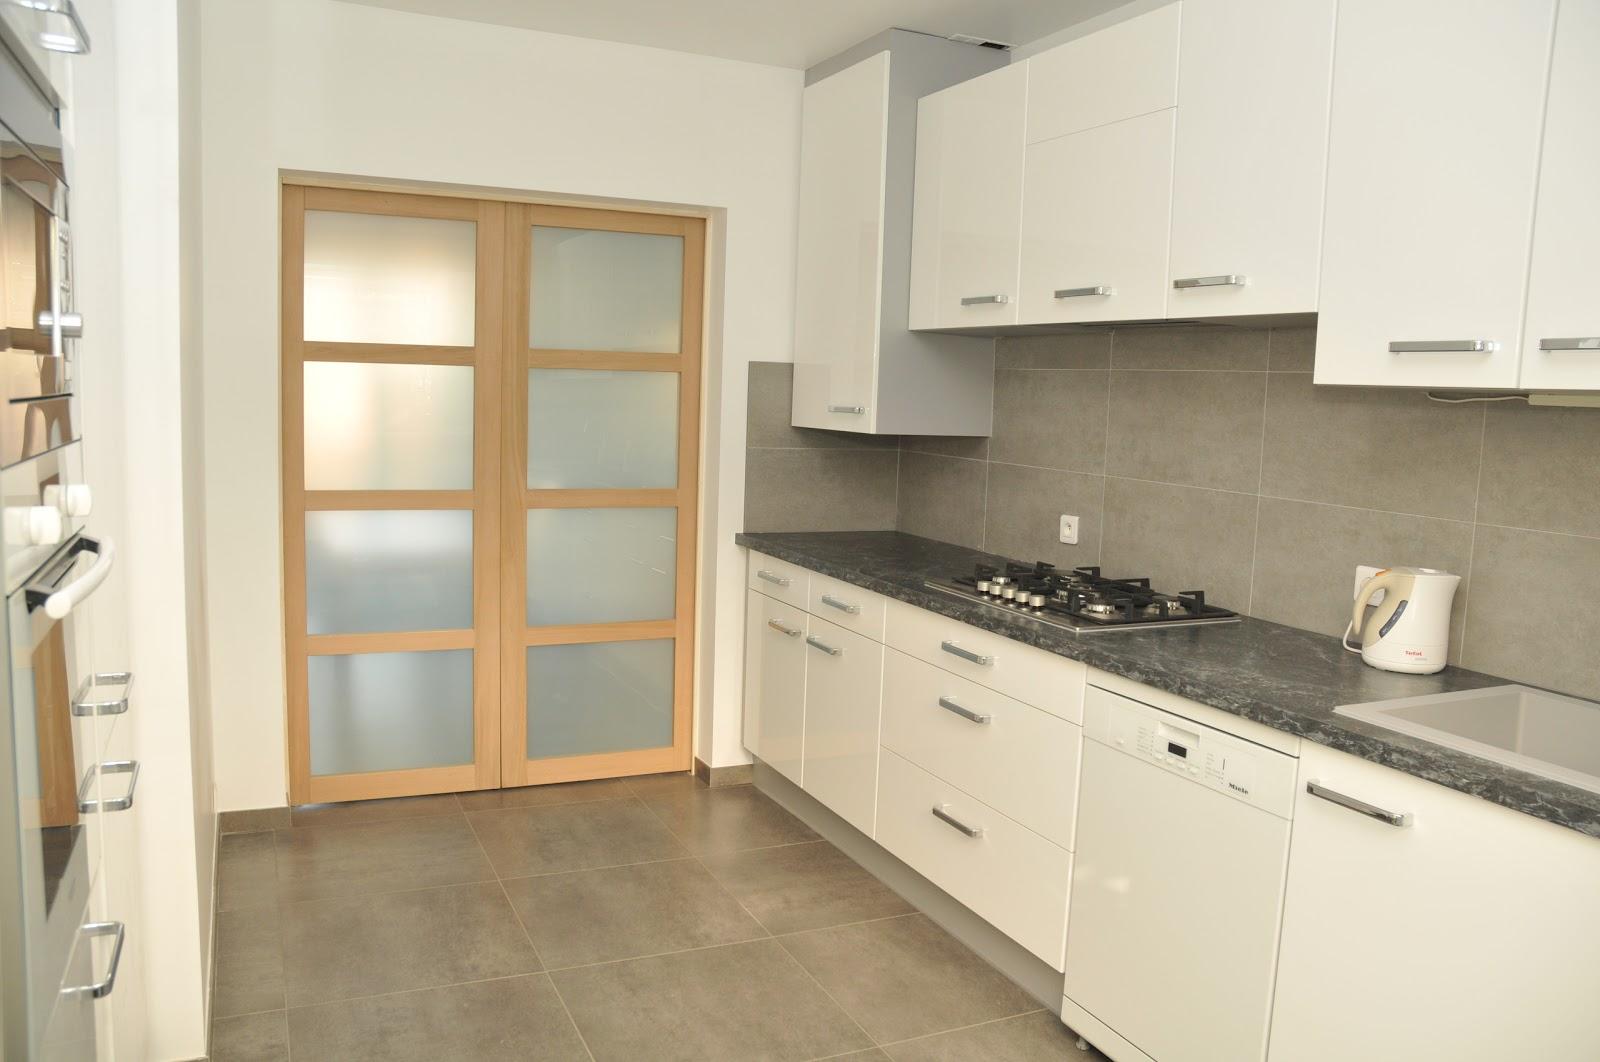 Villa 18 les pivoines - Meuble de cuisine avec porte coulissante ...